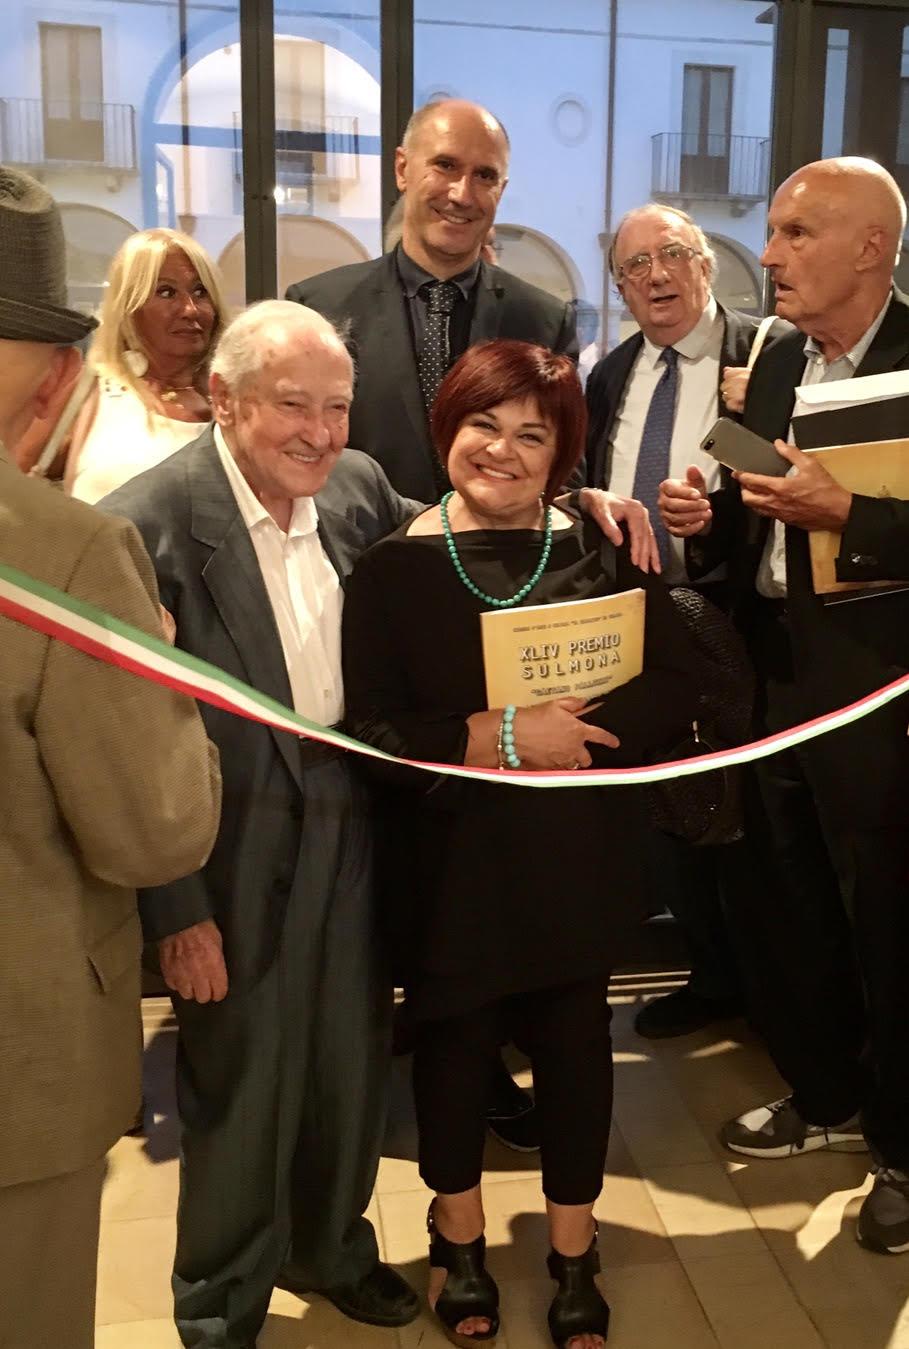 Pezzopane: Abruzzo e Sulmona perdono un artista, un uomo speciale. Gaetano Pallozzi non c'è più, ma rimane sua eterna eredità